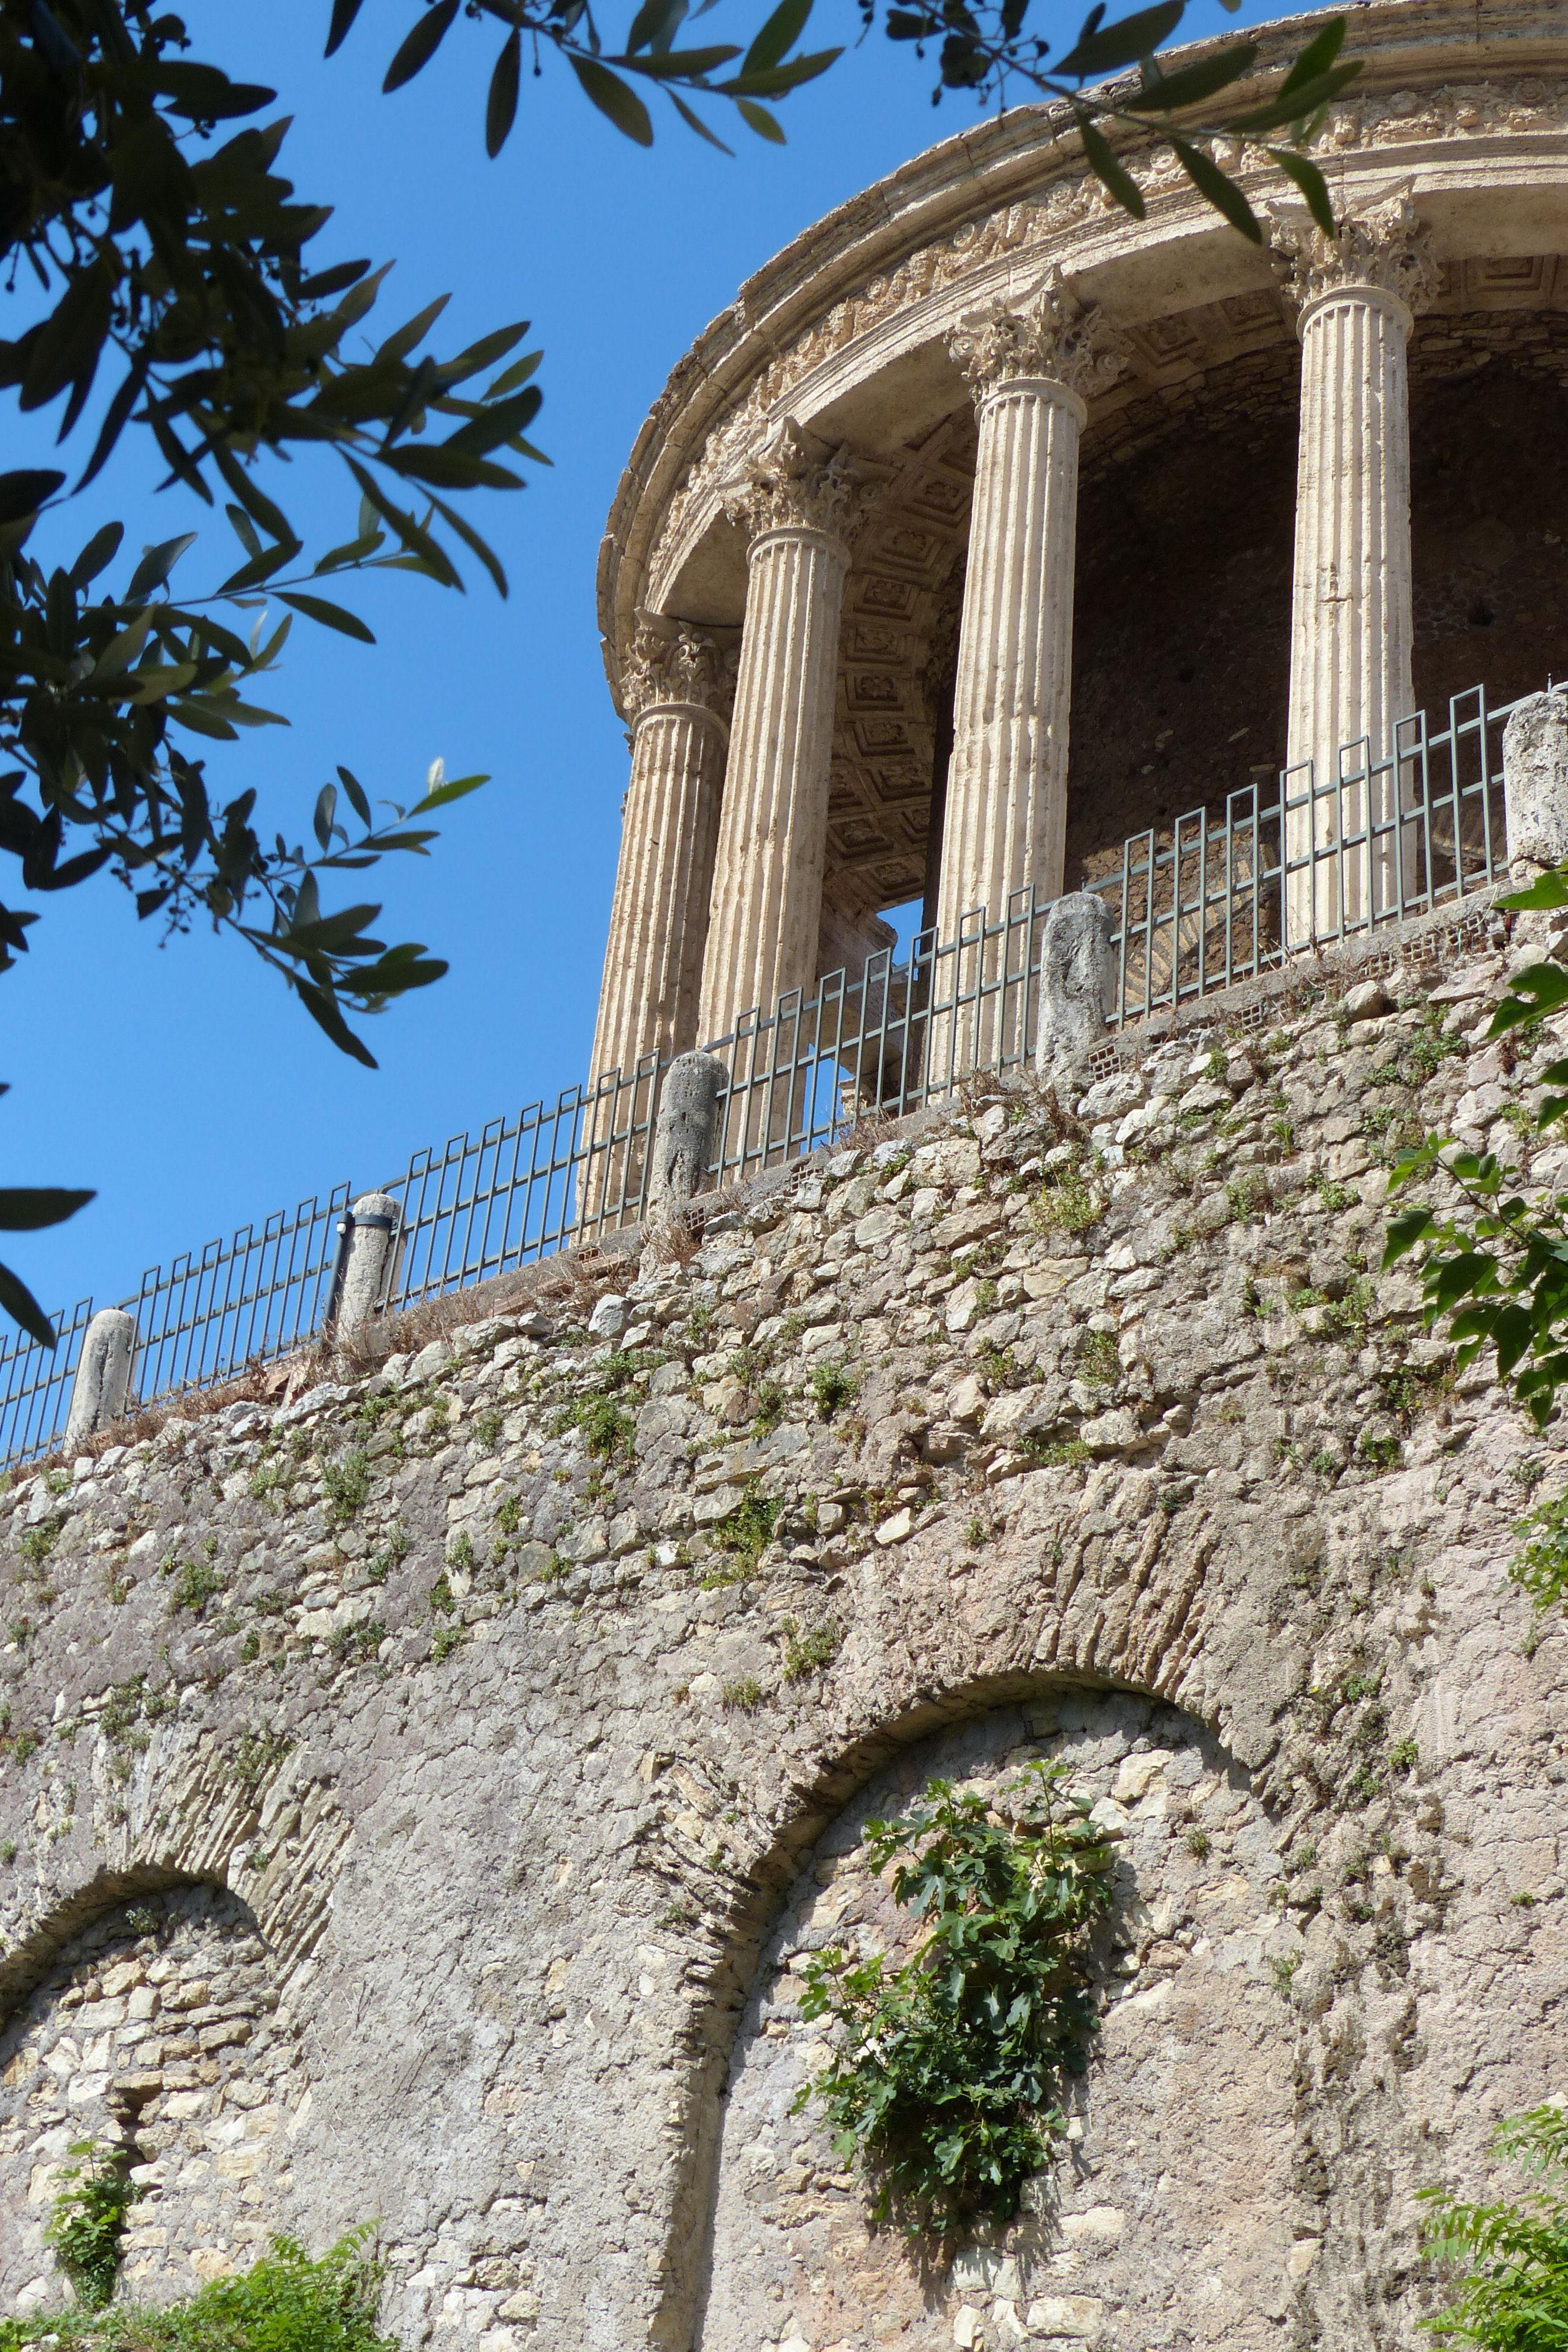 © Dipartimento di Scienze della Vita, Università di Trieste<br>by Andrea Moro<br>Comune di Tivoli, Villa Gregoriana, Tempio di Vesta, Roma, Lazio, Italia, 06/06/2017<br>Distributed under CC-BY-SA 4.0 license.